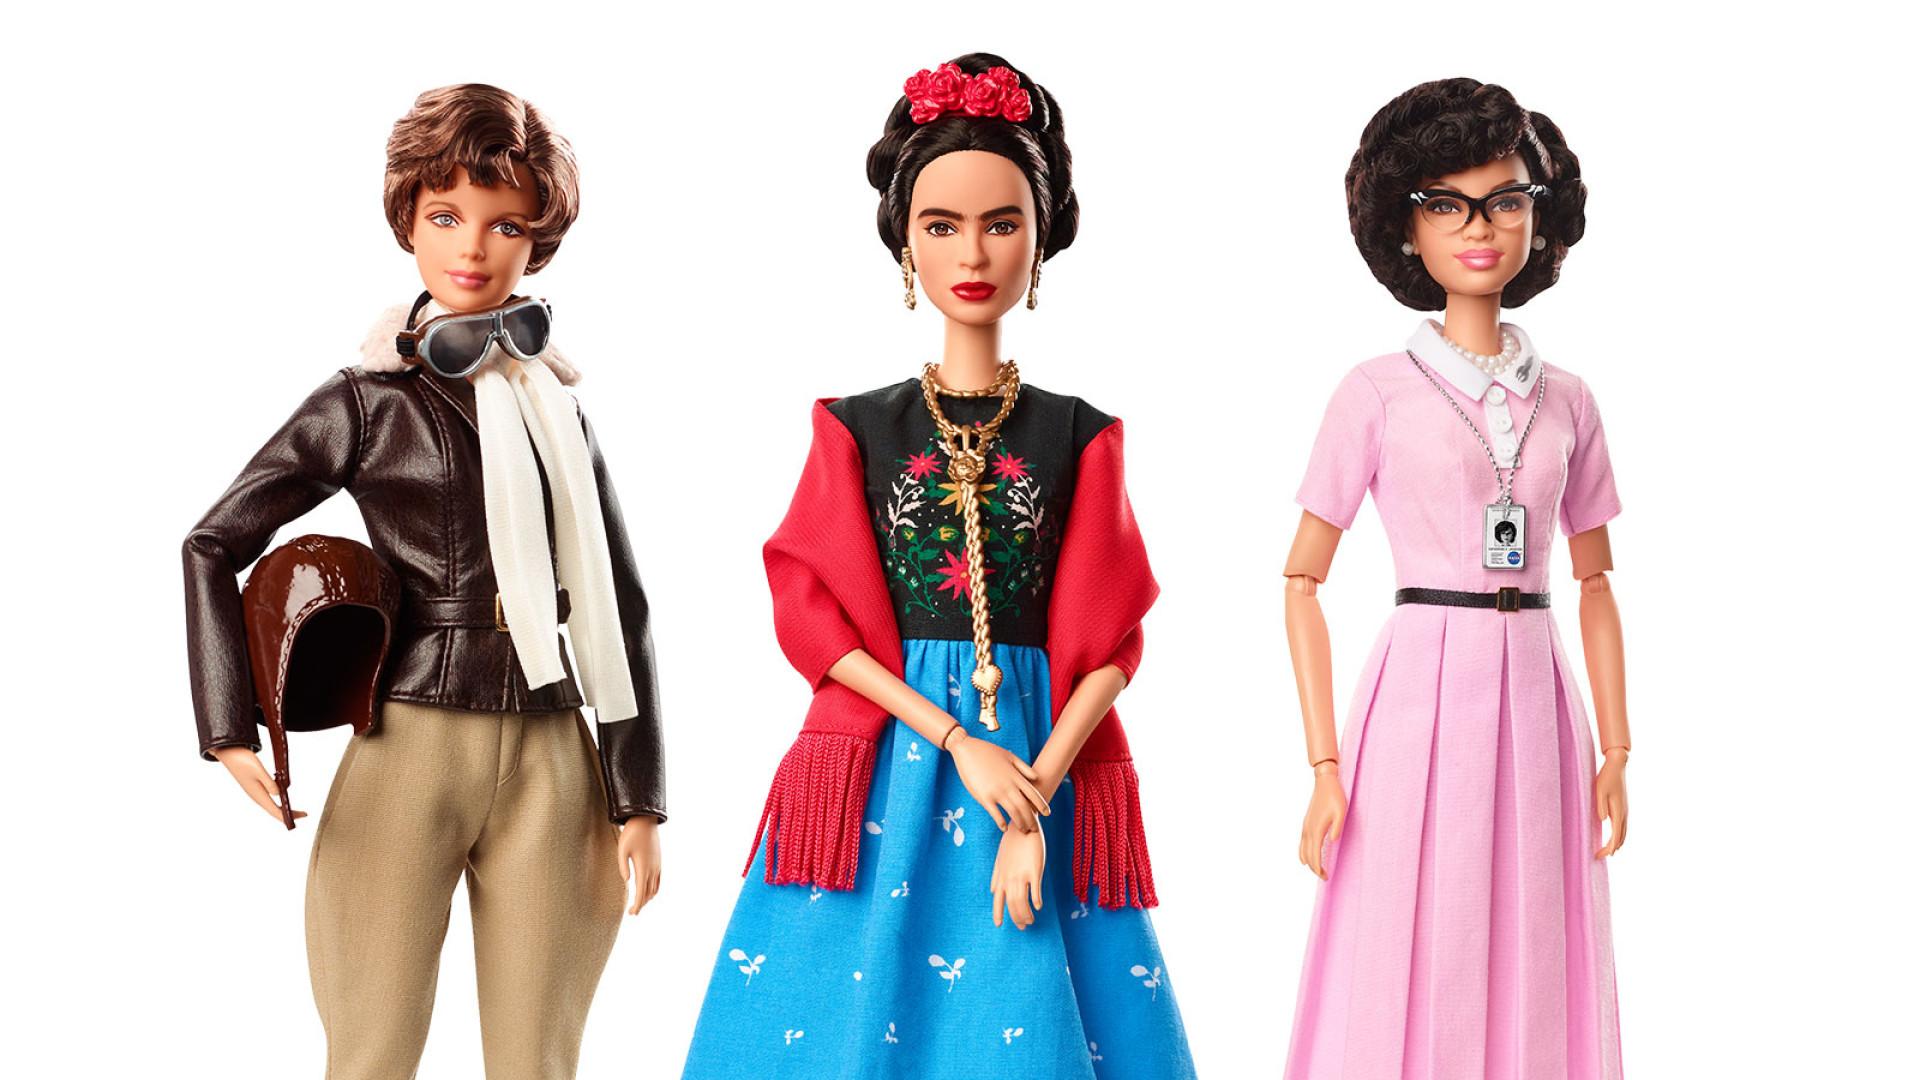 Barbie homenageia mulheres inspiradoras